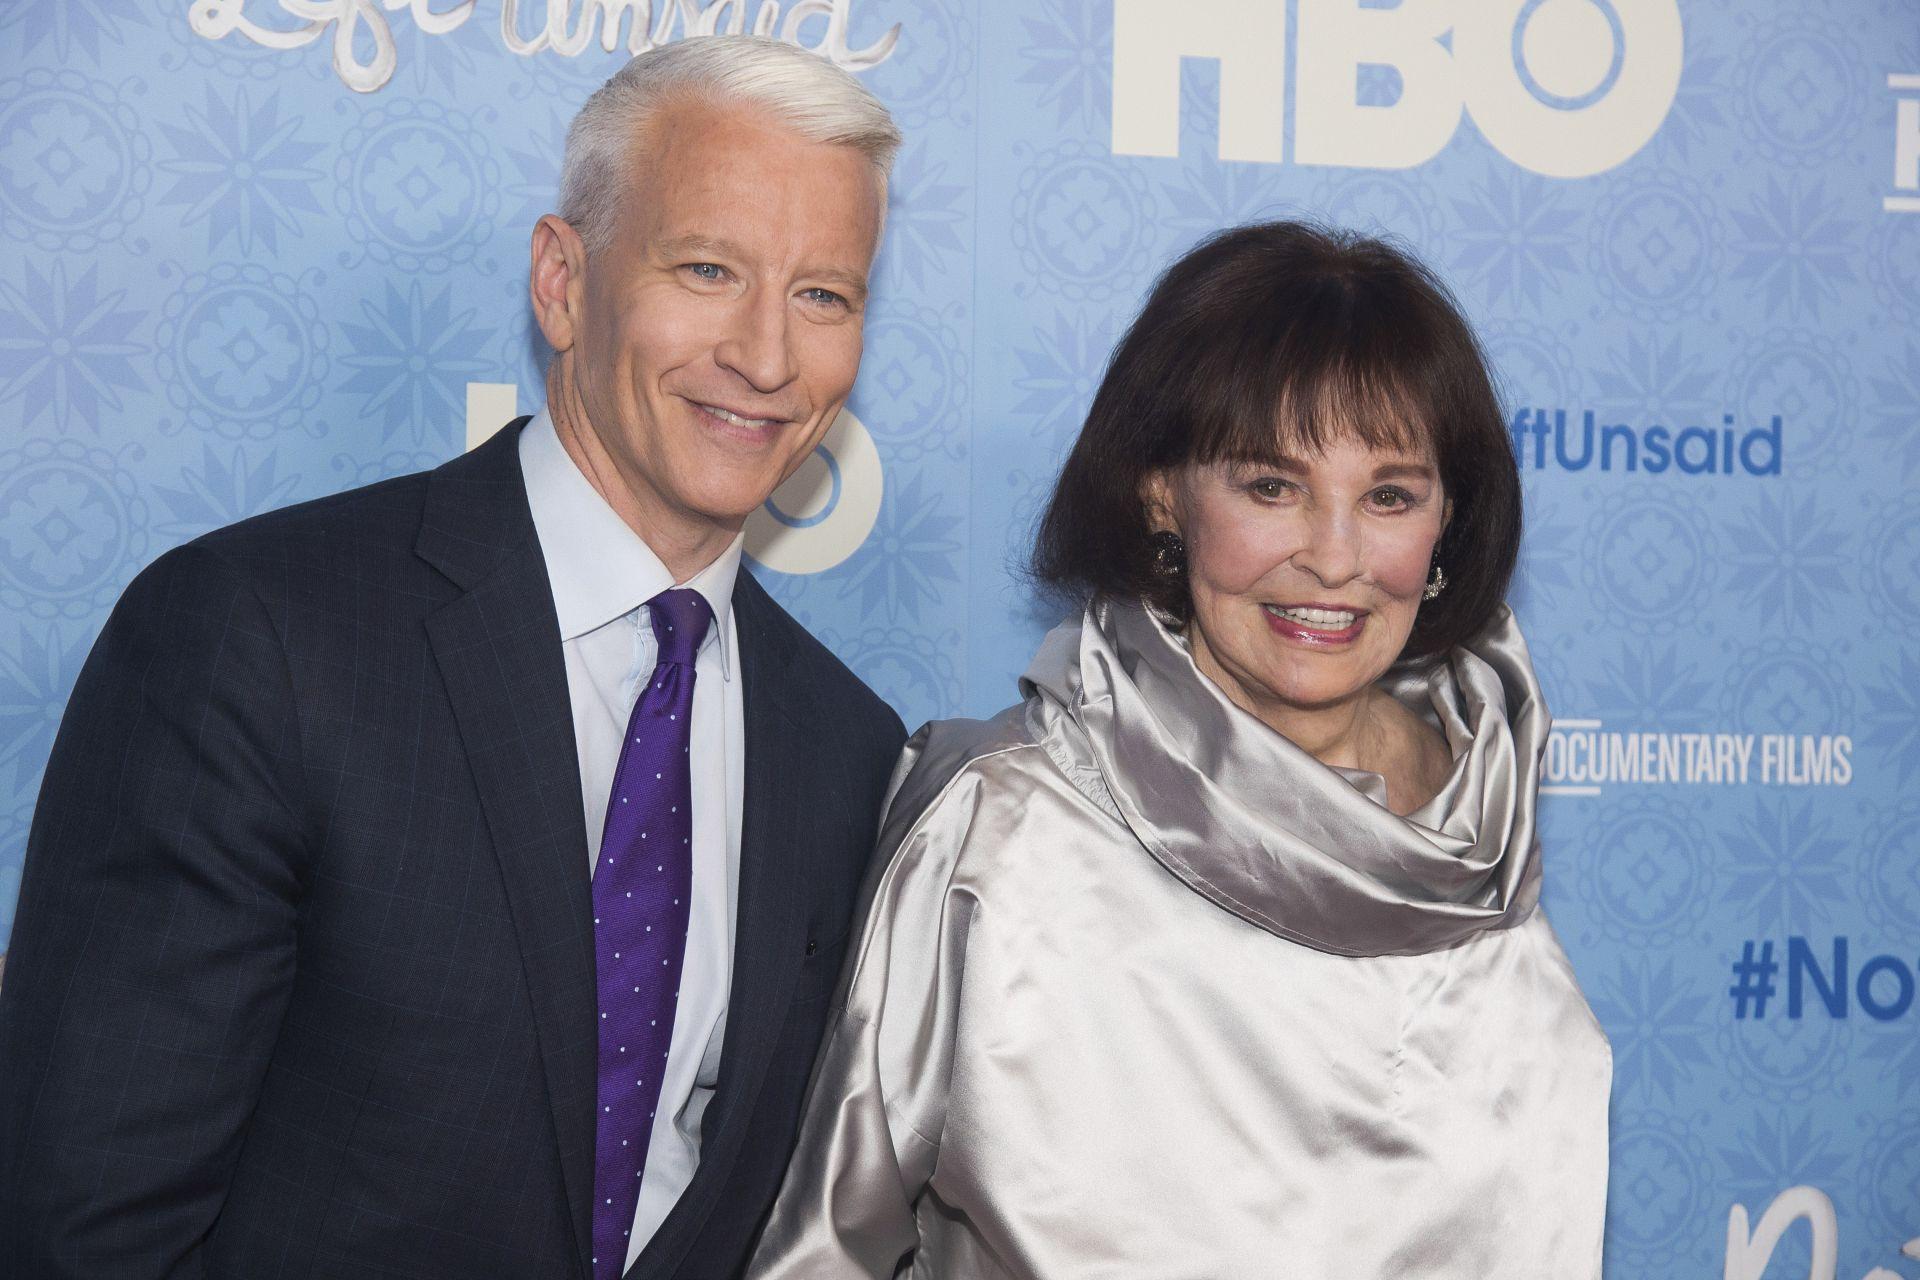 2016 година - майка и син заедно на телевизионна премиера